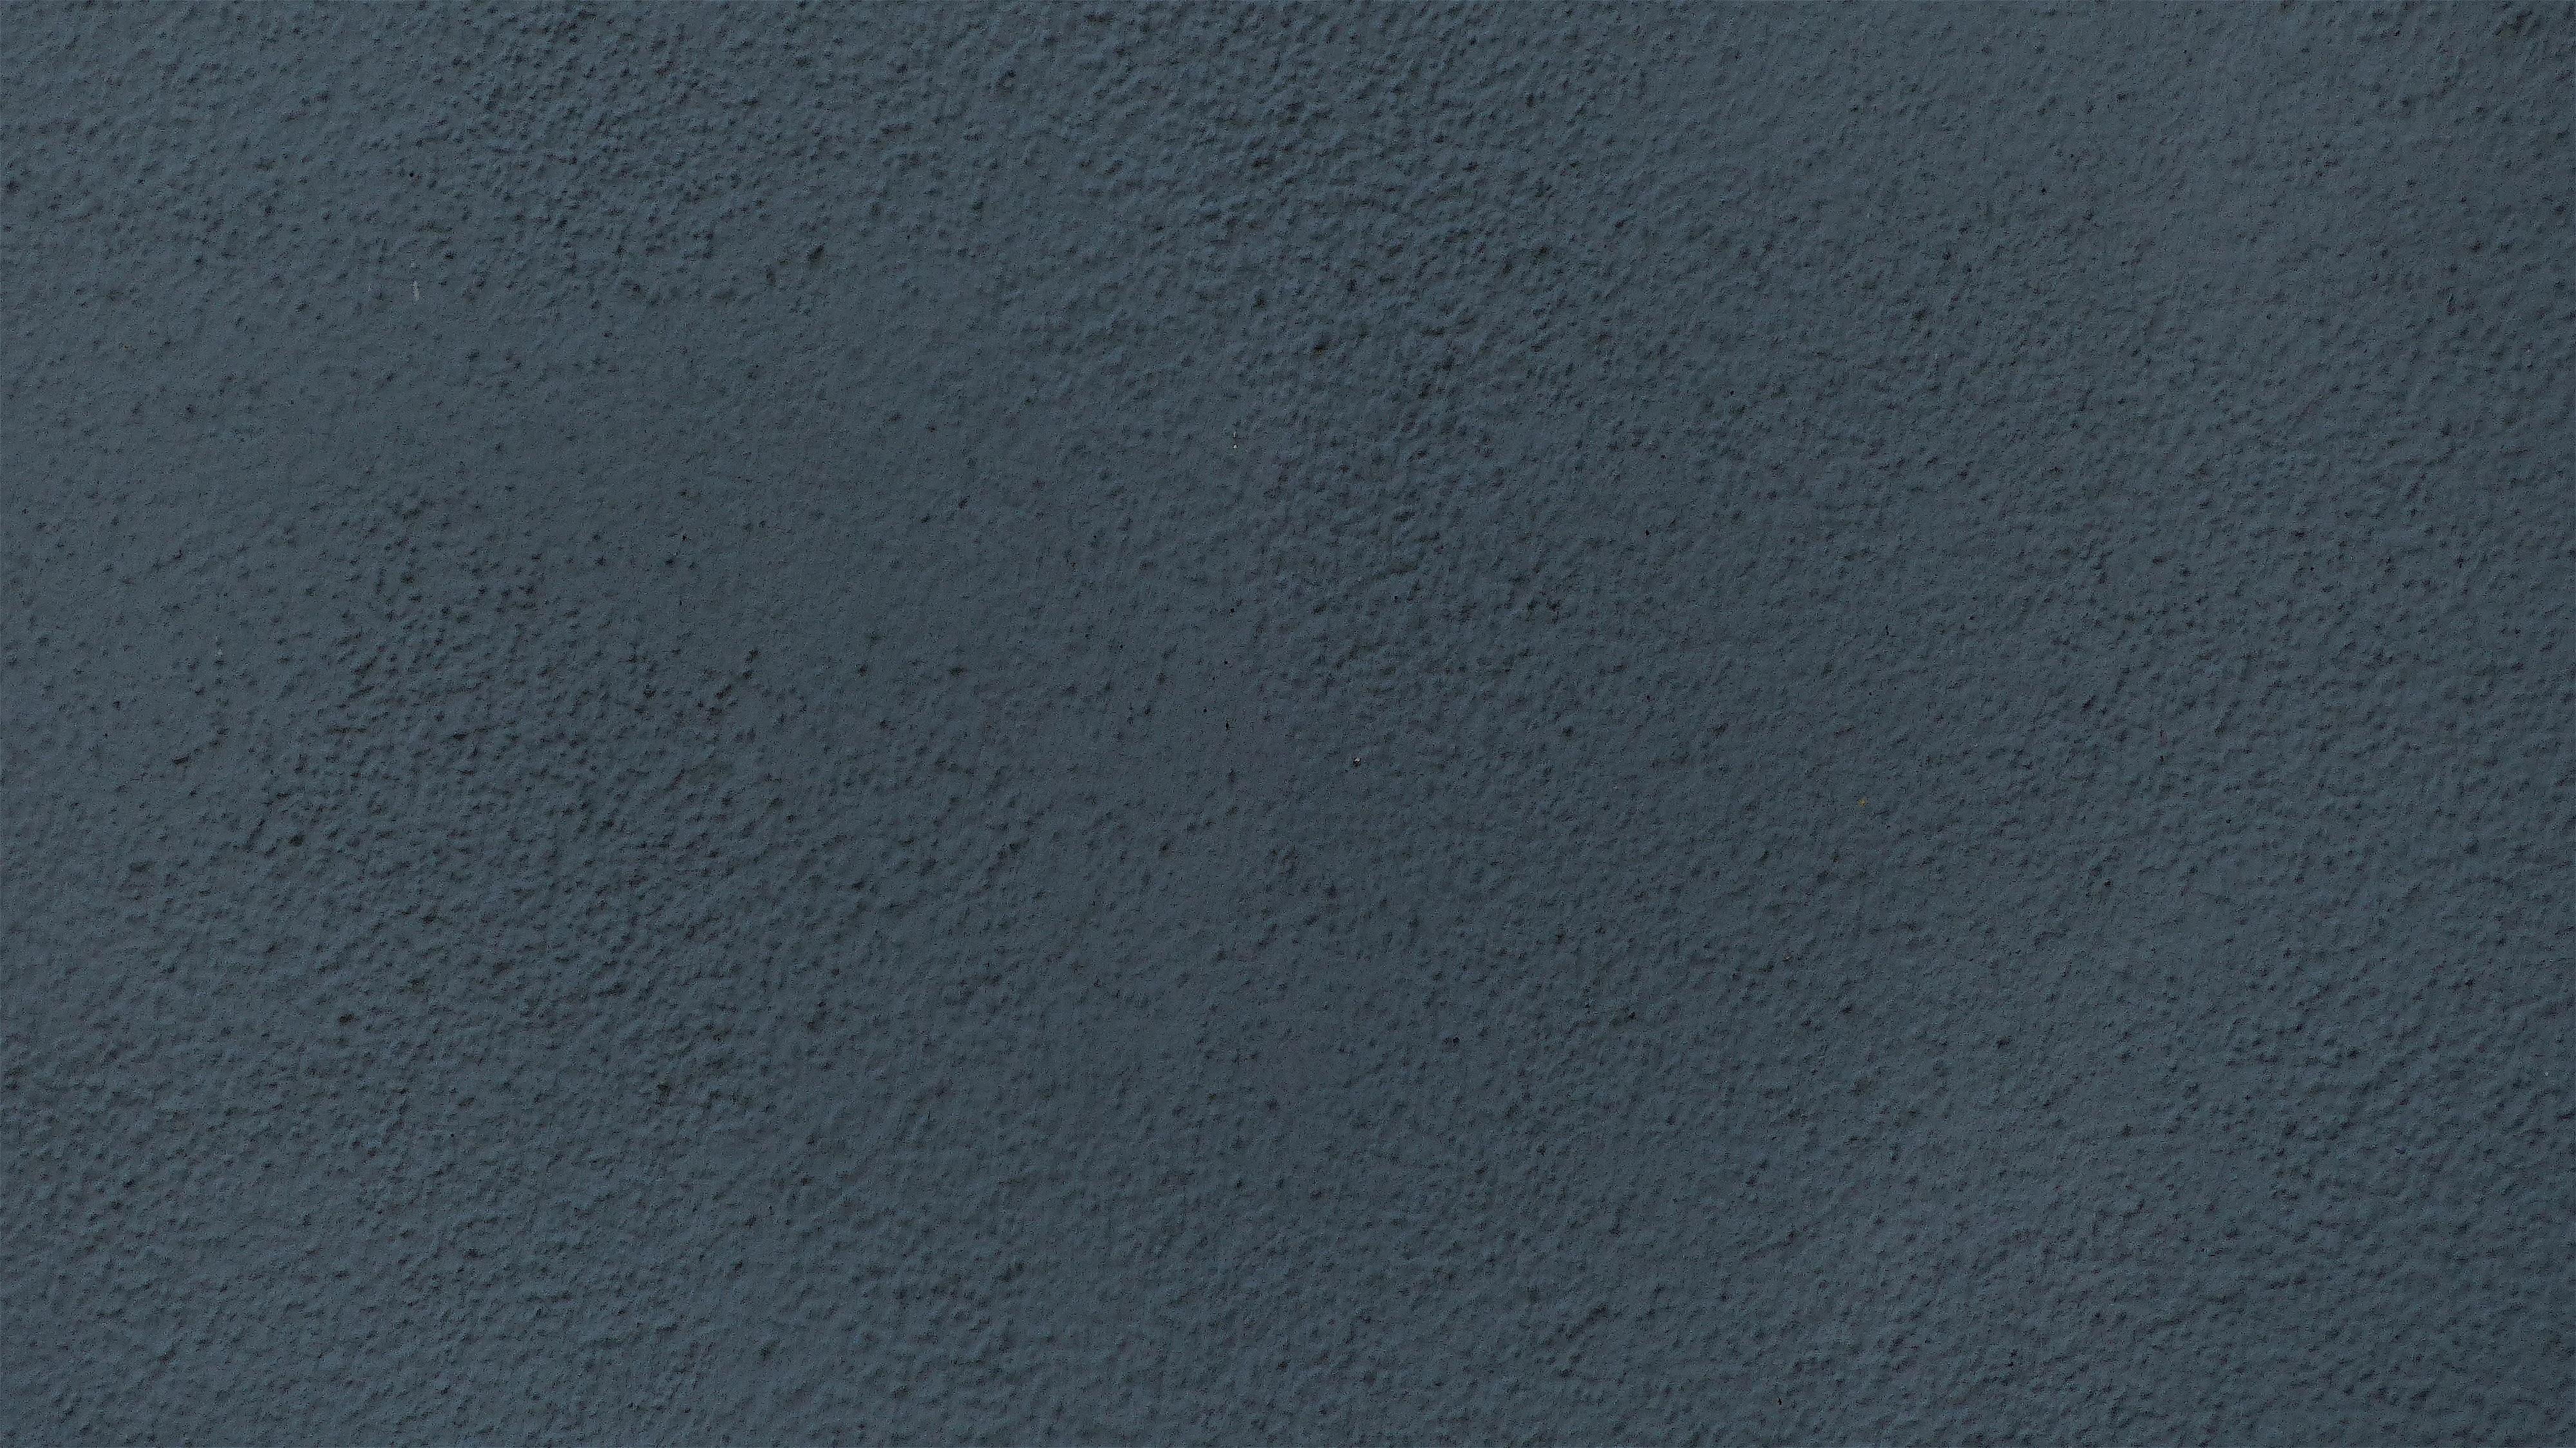 무료 이미지 조직 건물 집 아스팔트 무늬 선 정면 푸른 돌담 자료 플레이크 회색